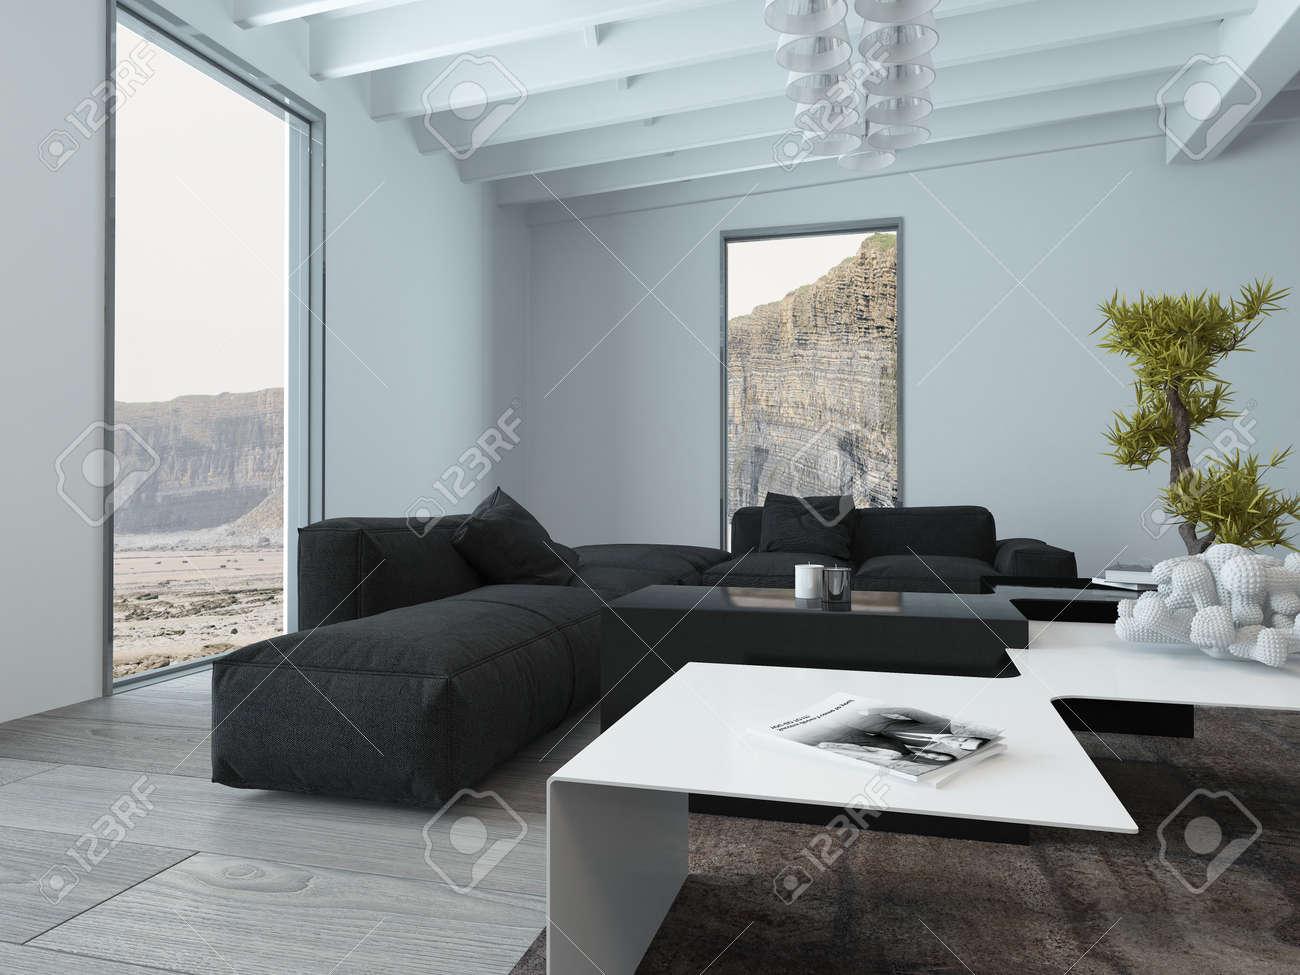 Intérieur d\'un salon avec canapé et meubles moderne Table et vue sur les  falaises Through Windows